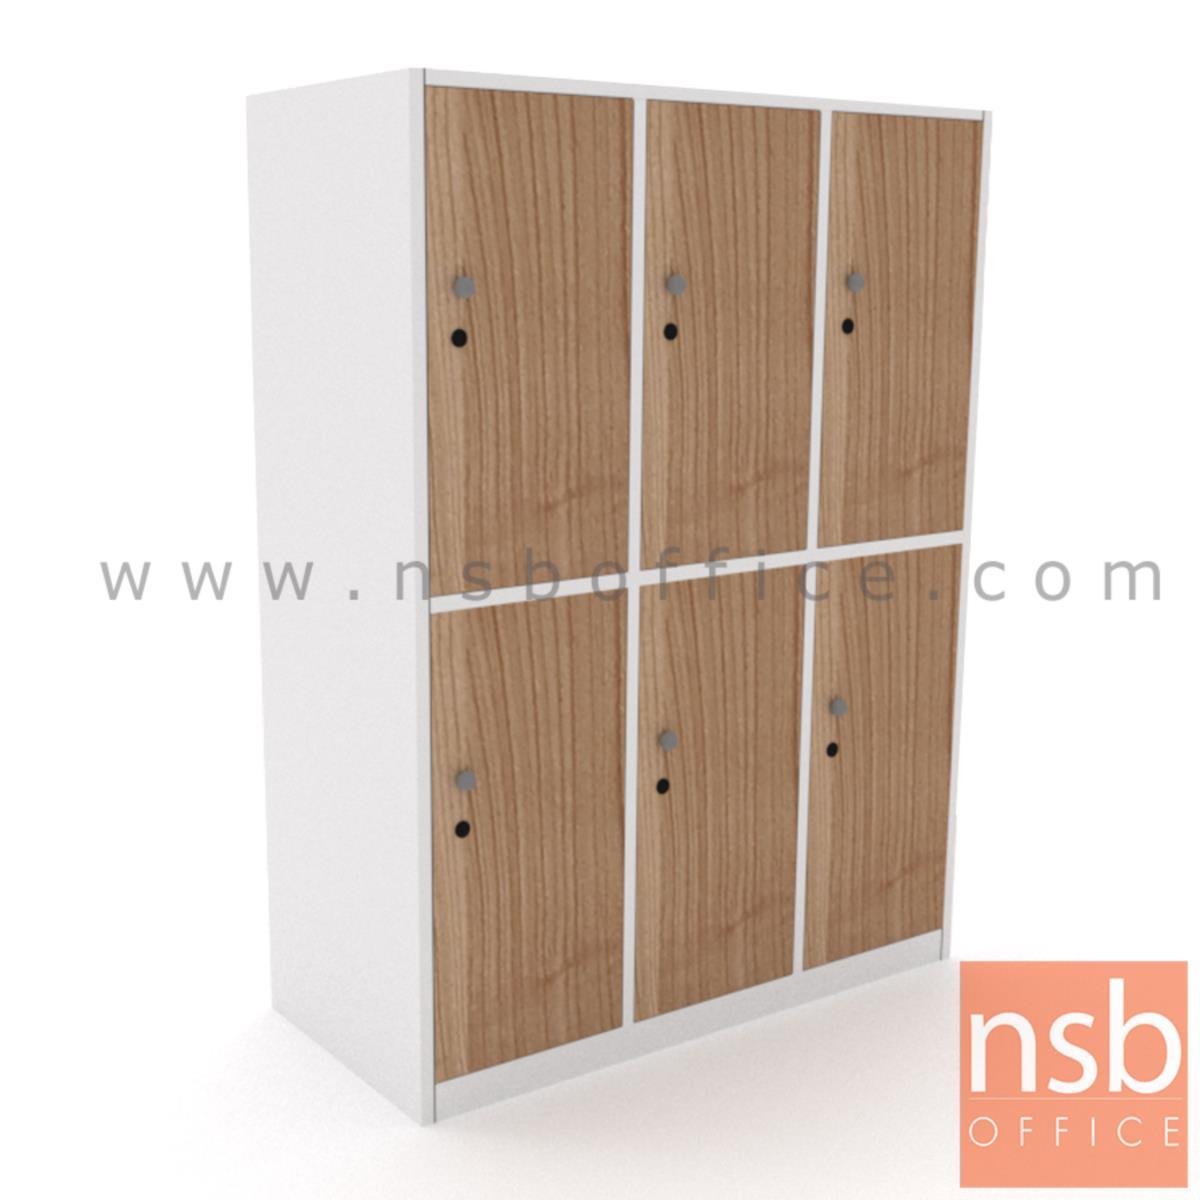 ตู้ล็อกเกอร์ไม้ 6 ประตู  รุ่น Nivosa 1 (นิโวซ่า 1) ขนาด 90W*90H ,120H cm. พร้อมกุญแจล็อค